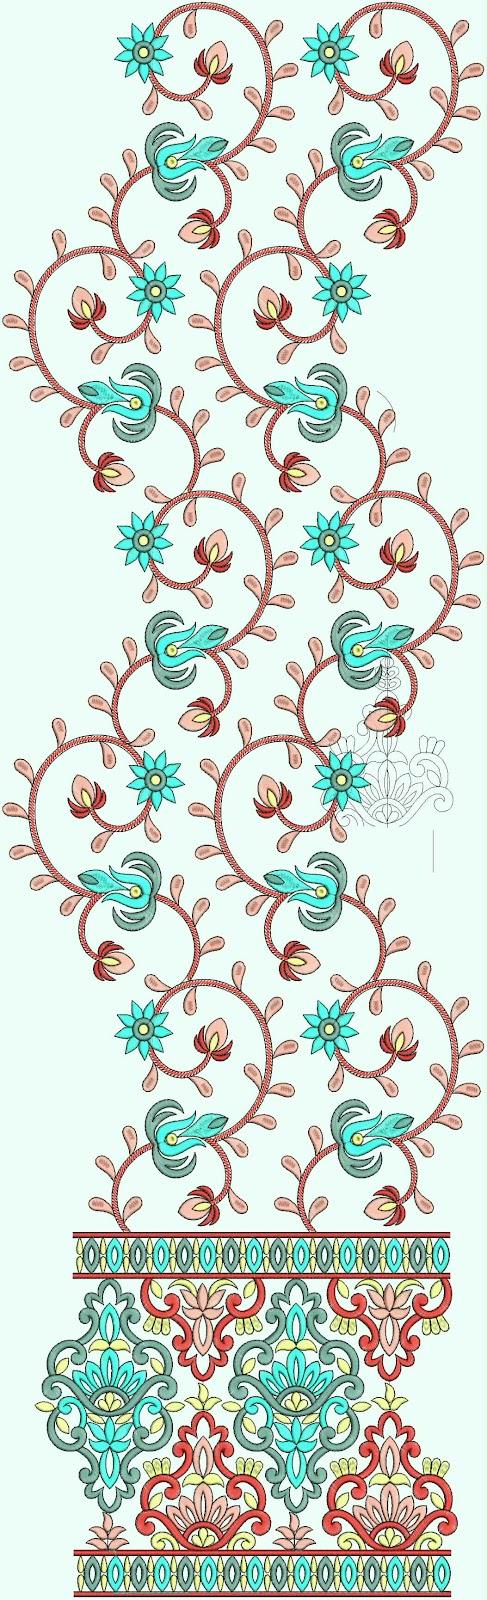 Embdesigntube Bollywood Salwar Kurtis Embroidery Designs